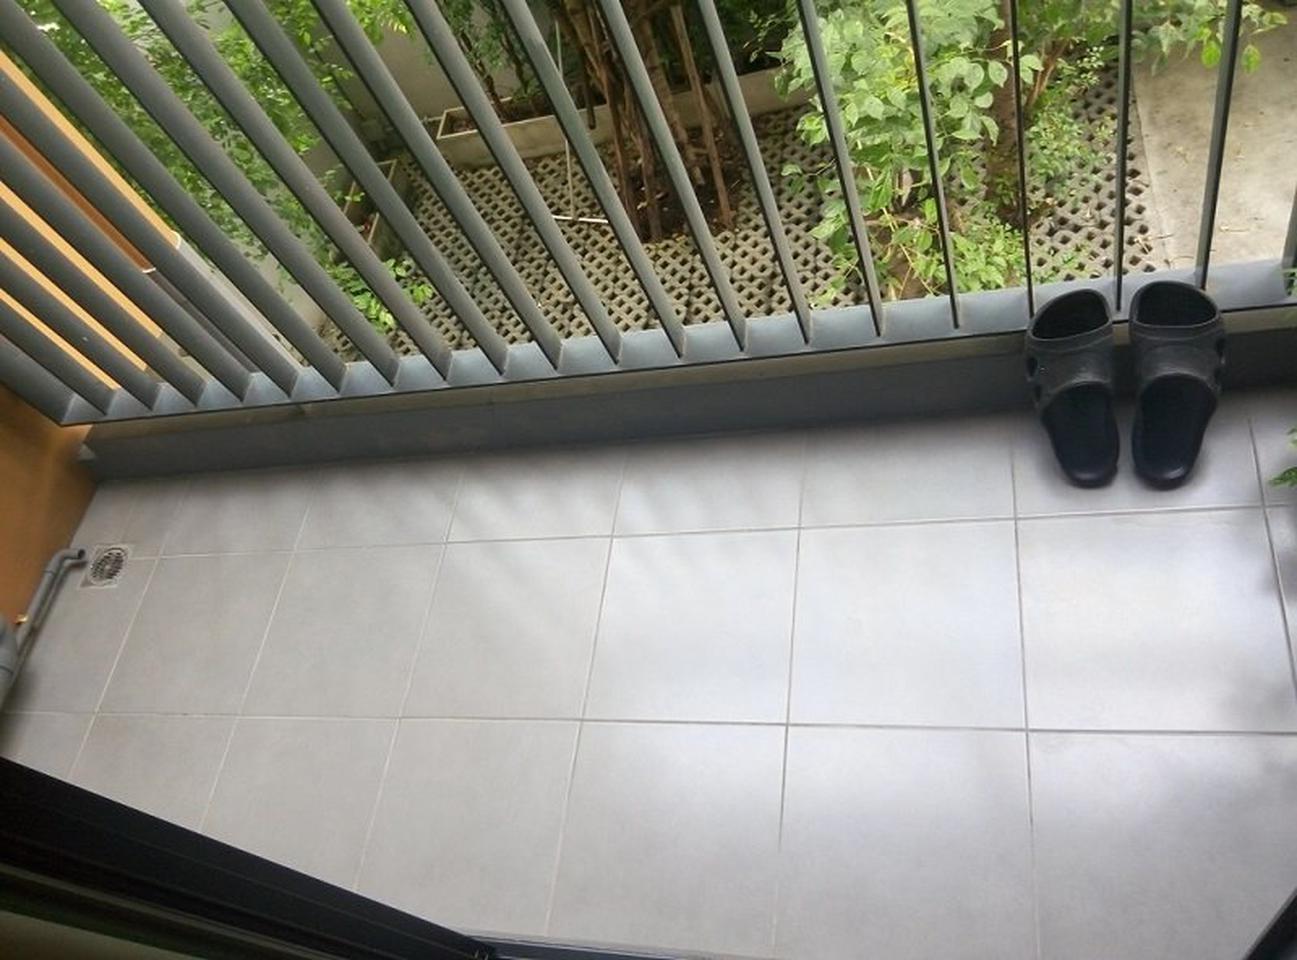 ขายด่วนThe PrivacyเรวดีคอนโดA 750เมตรรถไฟฟ้าสีม่วงศูนย์ราชการนนทบุรี 28ตรม.1.25ลบ.ฟรีค่าโอน+เครื่องใช้ไฟฟ้า+เฟอร์ รูปที่ 2